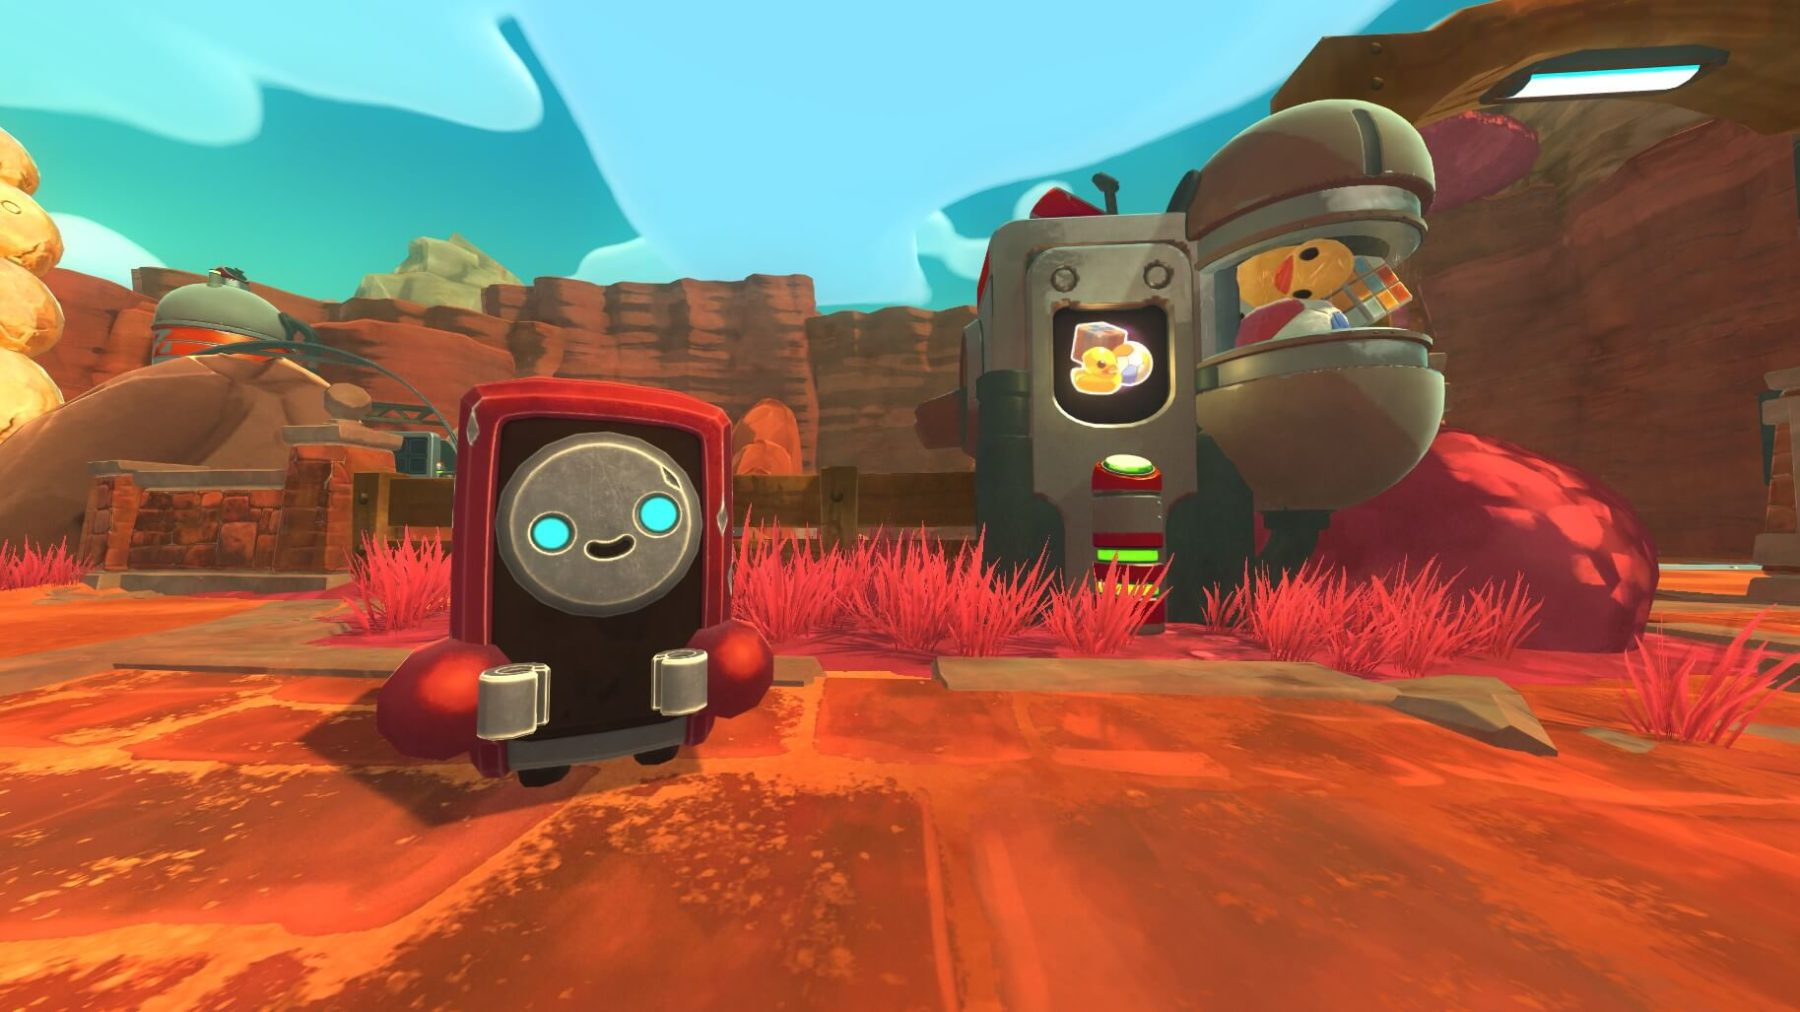 دانلود بازی Slime Rancher: Galactic Bundle برای کامپیوتر